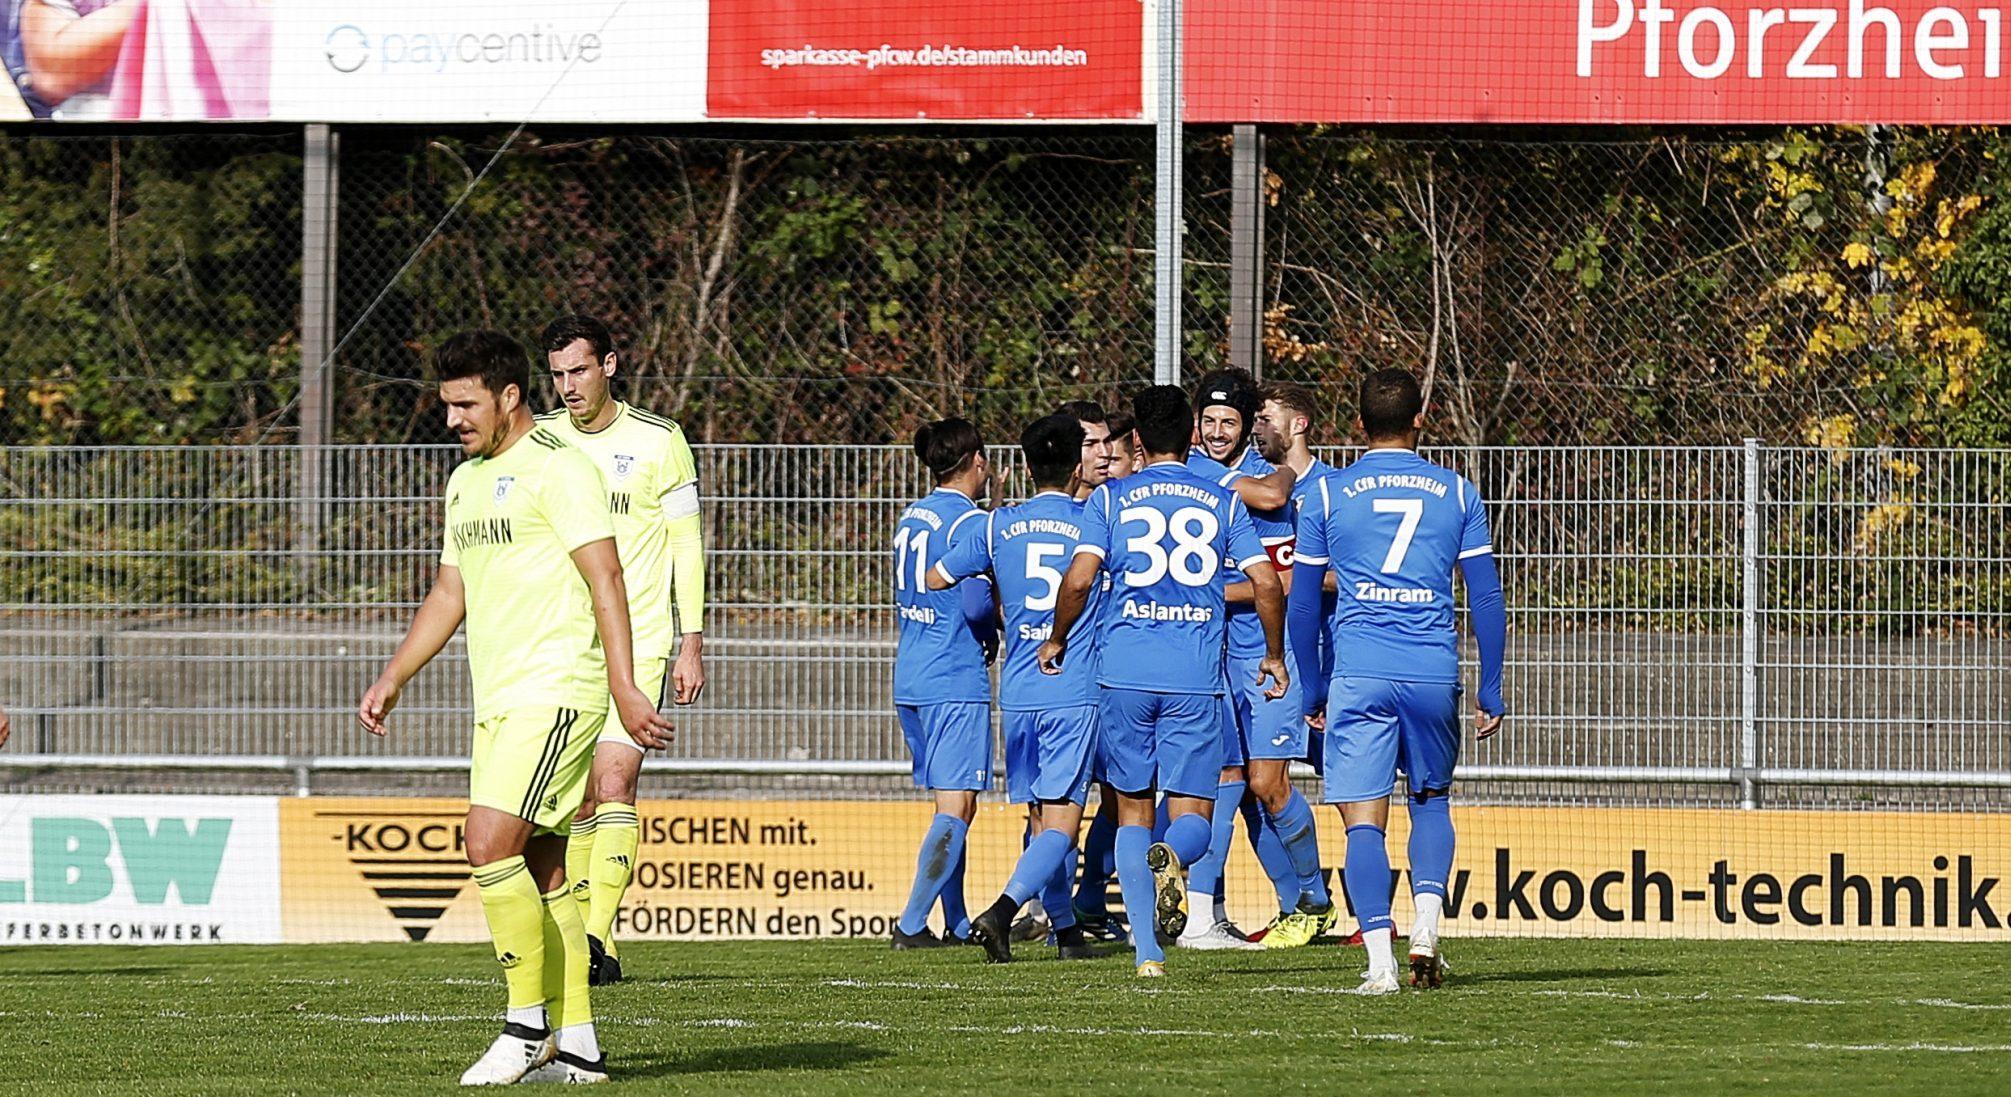 Erste Mannschaft schlägt Ravensburg mit 1:0